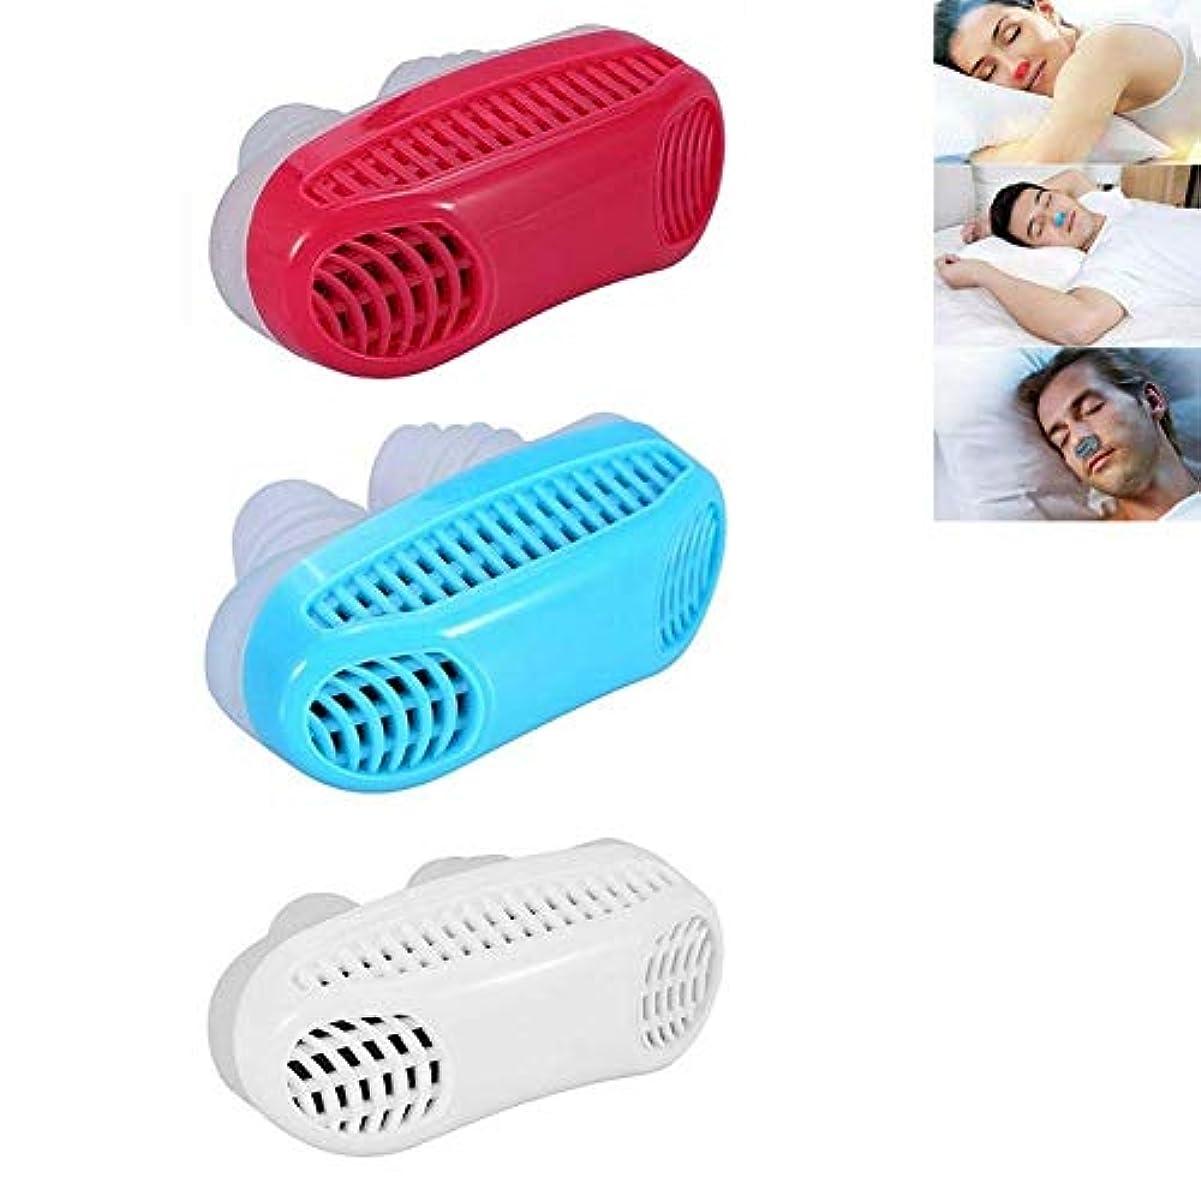 その結果コンプリートもっと少なく3ピース安全ないびきエイズポータブルシリコーン抗いびき空気清浄機鼻いびきストップクリップ2-in-1健康睡眠ツール